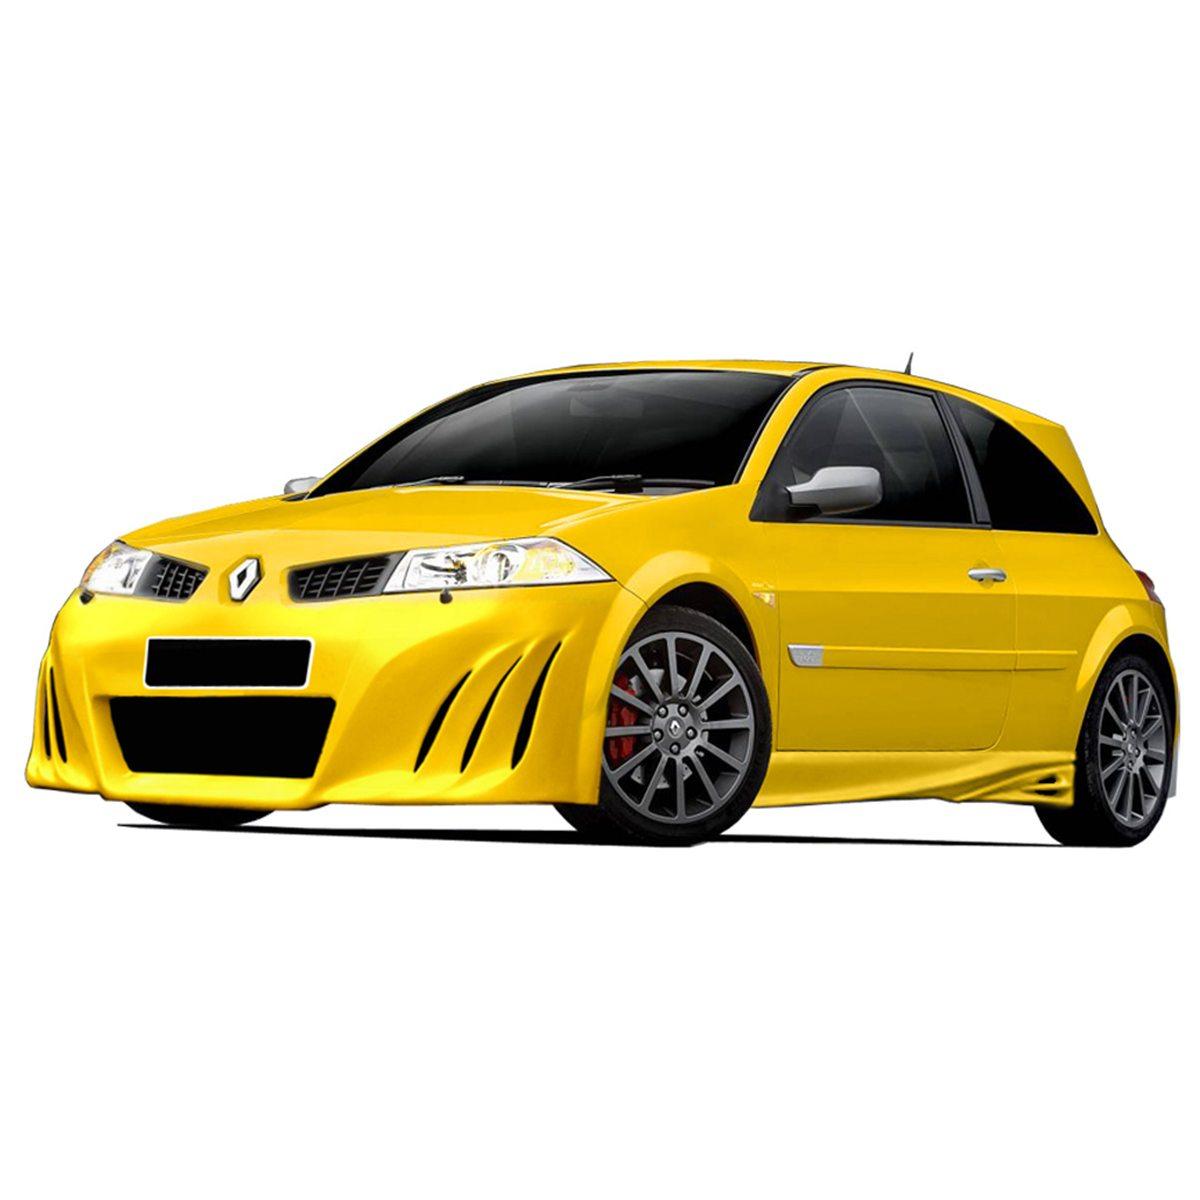 Renault-Megane-07-Shark-Frt-PCM045